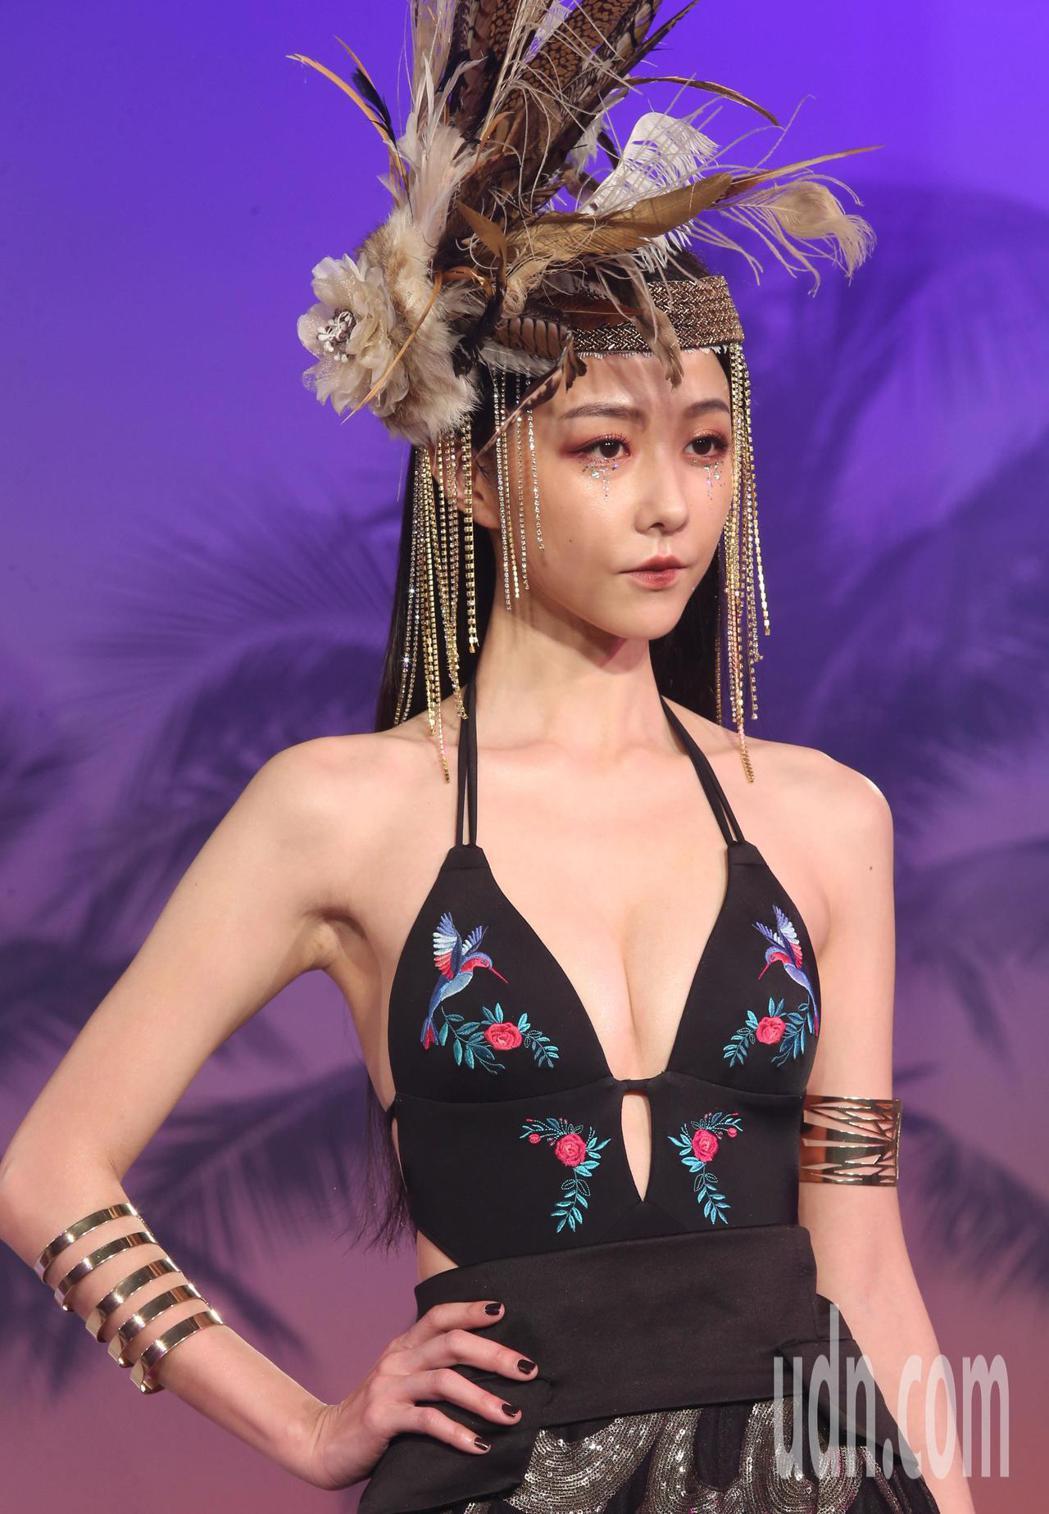 邵雨薇化身夏威夷古老部落神秘公主,壓軸出席《WAVE SHINE》2019春夏新...